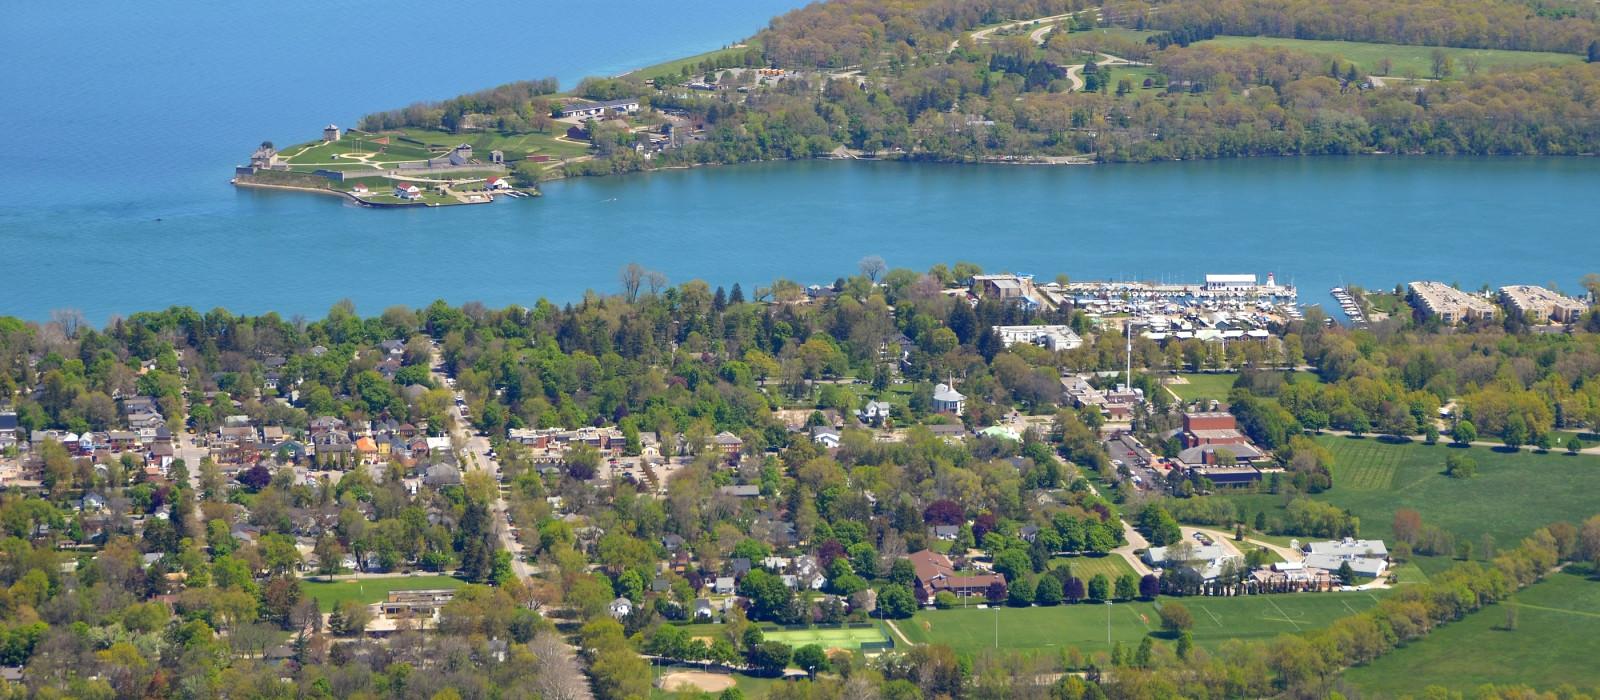 Reiseziel Niagara-on-the-Lake Kanada